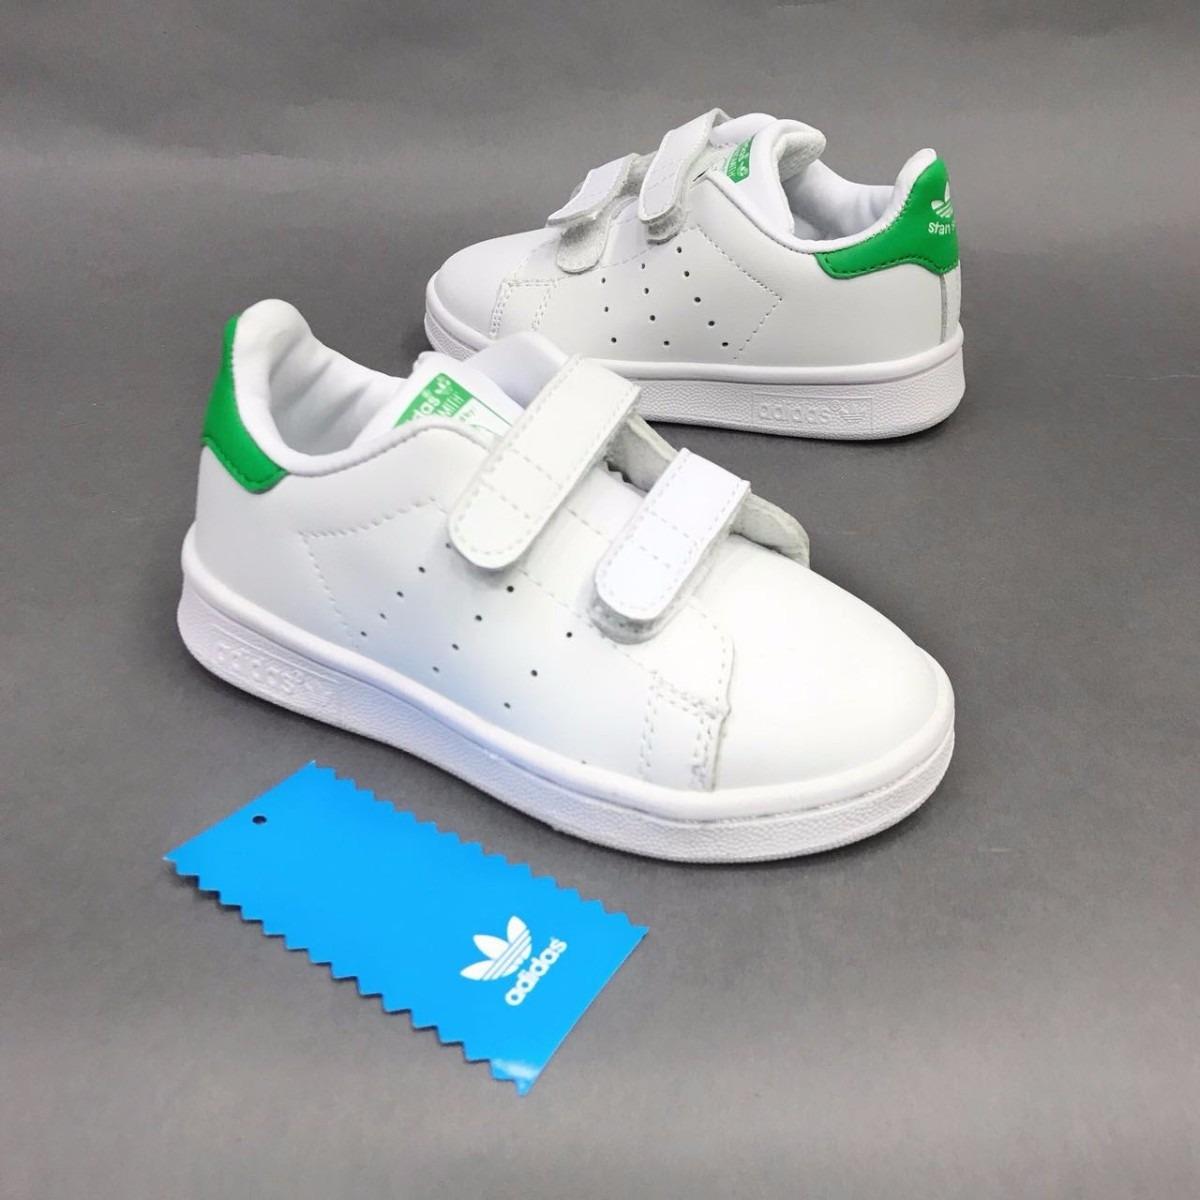 zapatillas adidas tenis niño 2018 en Zapatillas de Marca. c8adcd35d5169